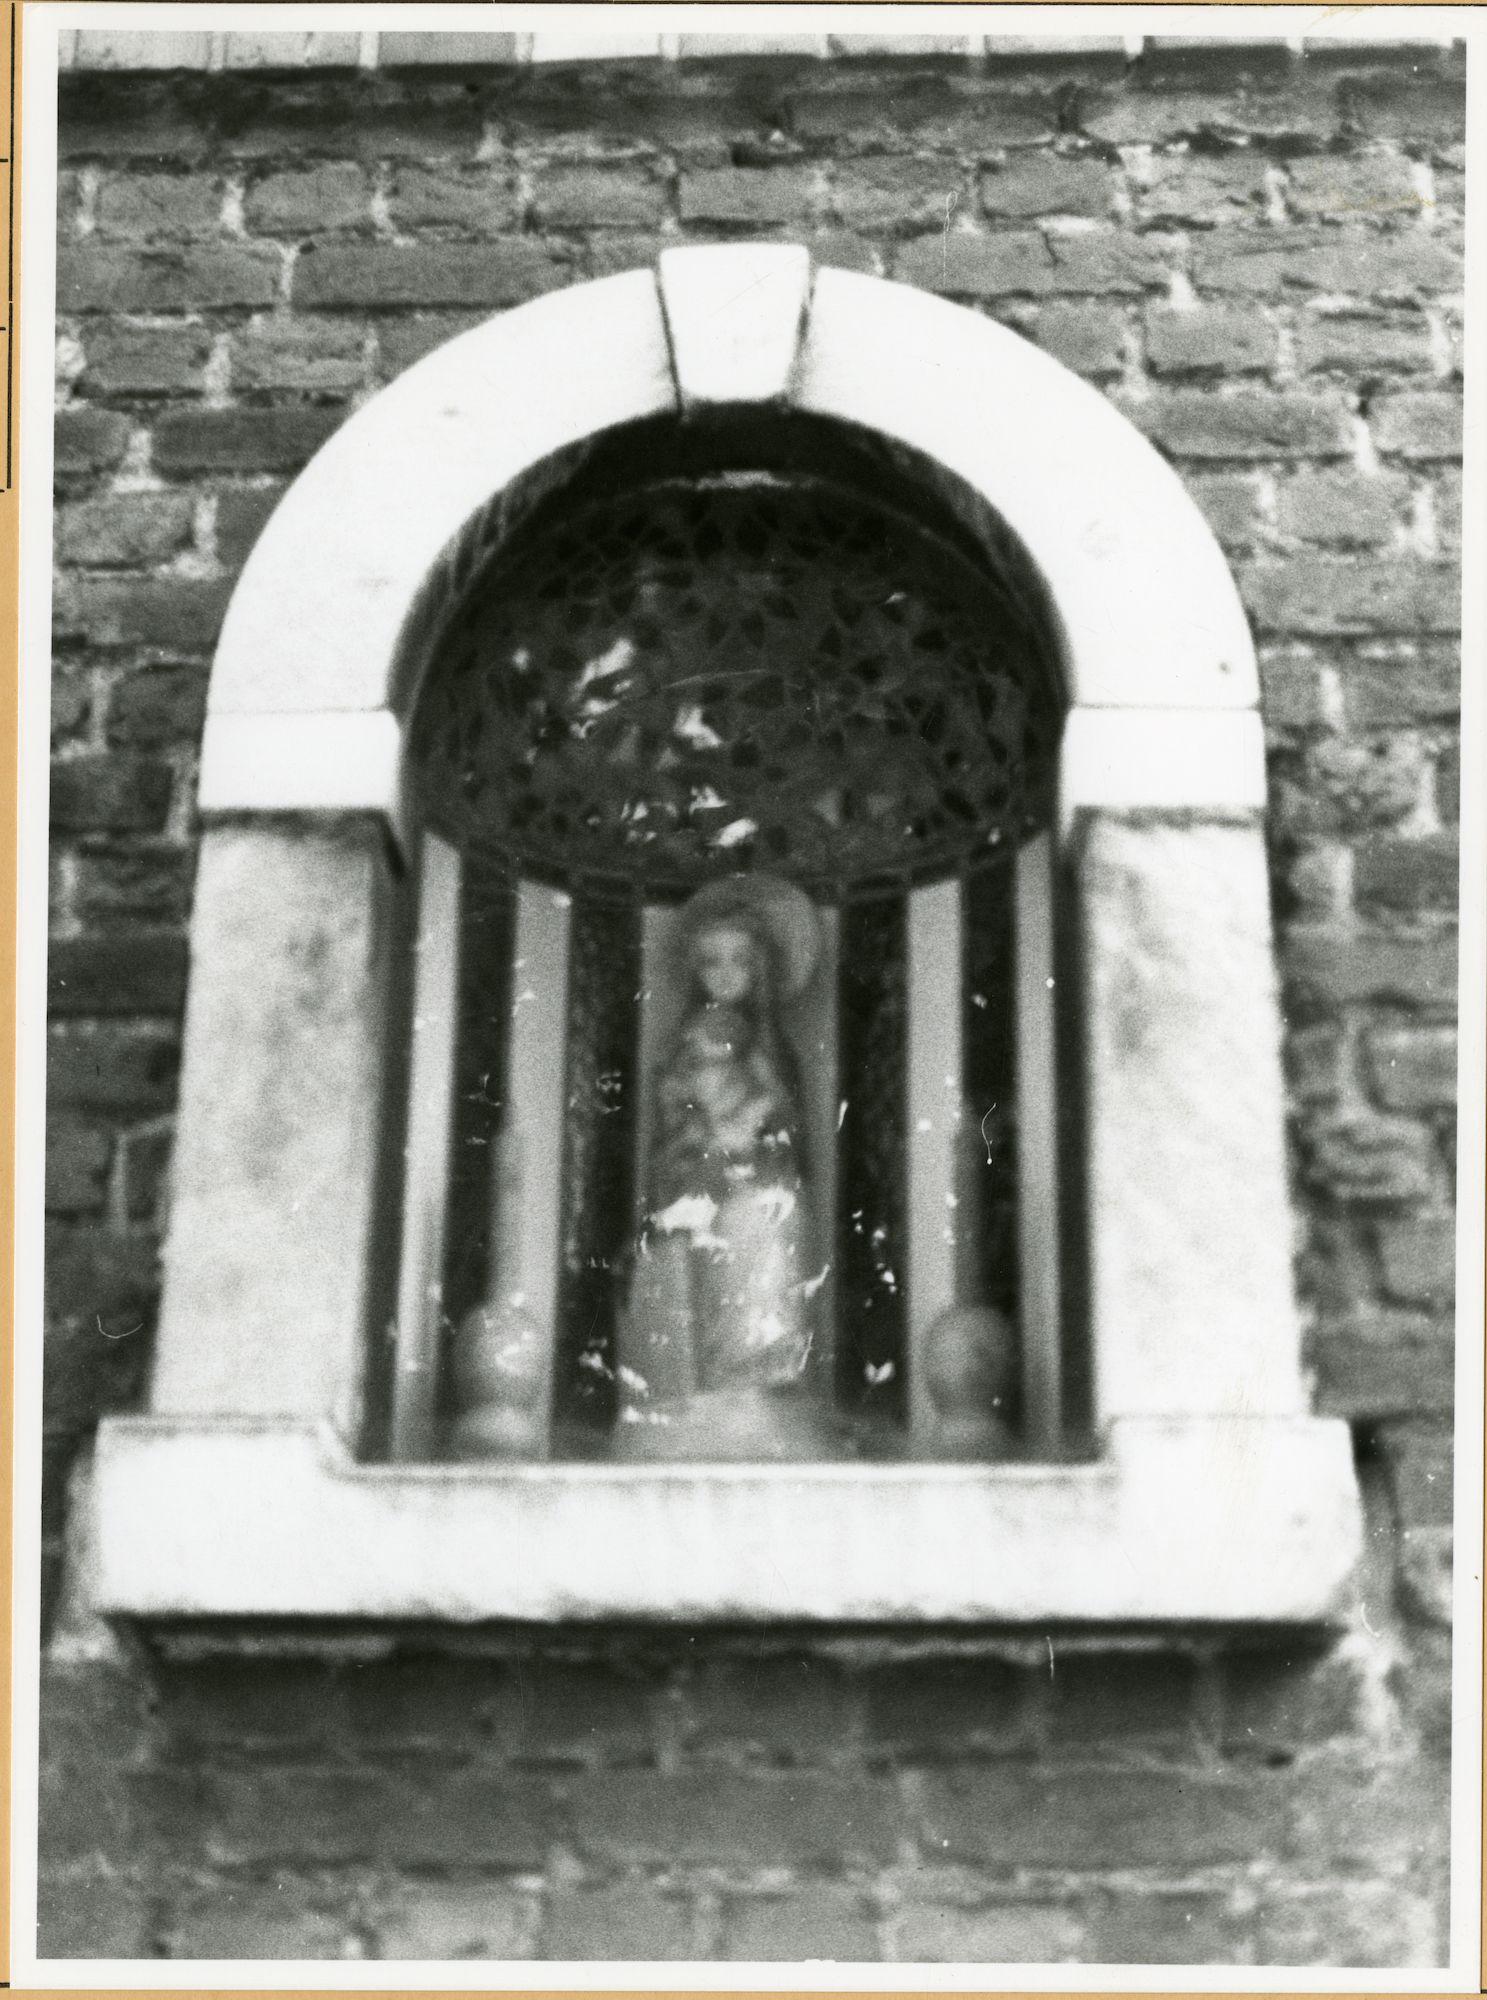 Gent: Francisco Ferrerlaan 116: niskapel: Sedes Sapientae, 1979